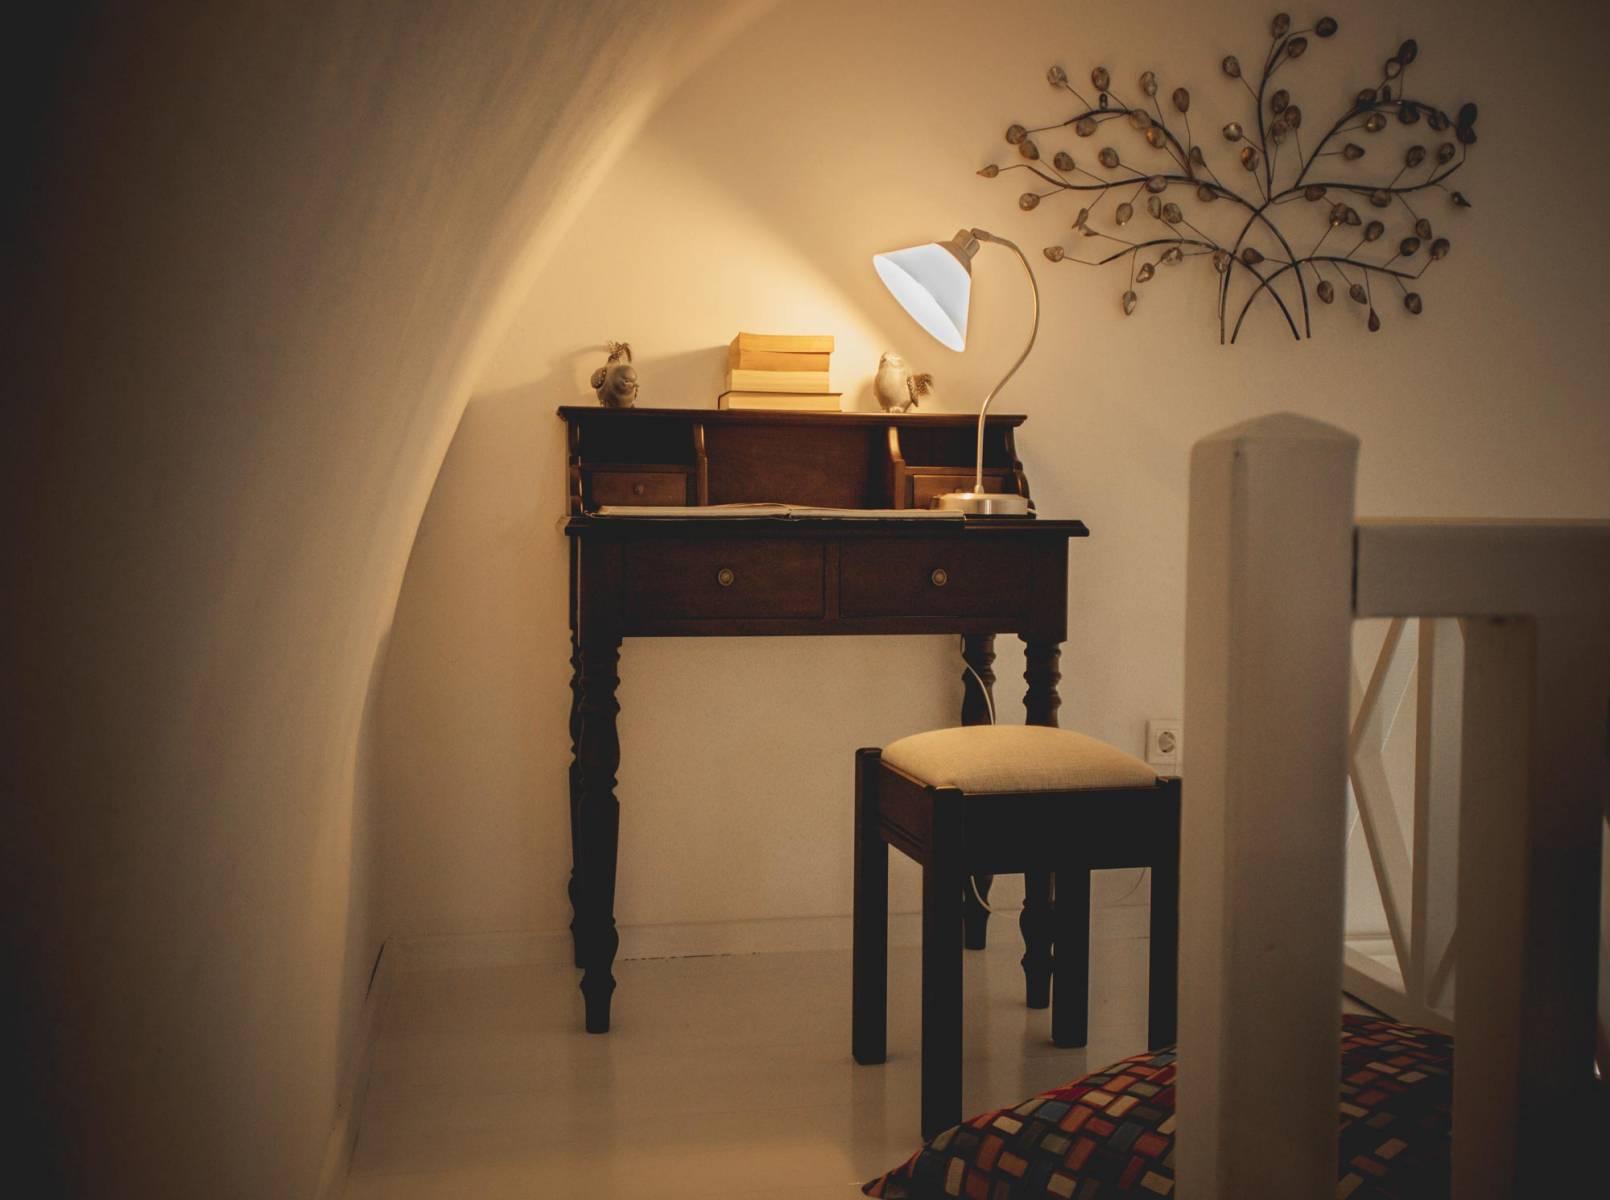 Maria's Place Santorini - Apartments for rent in Santorini ...